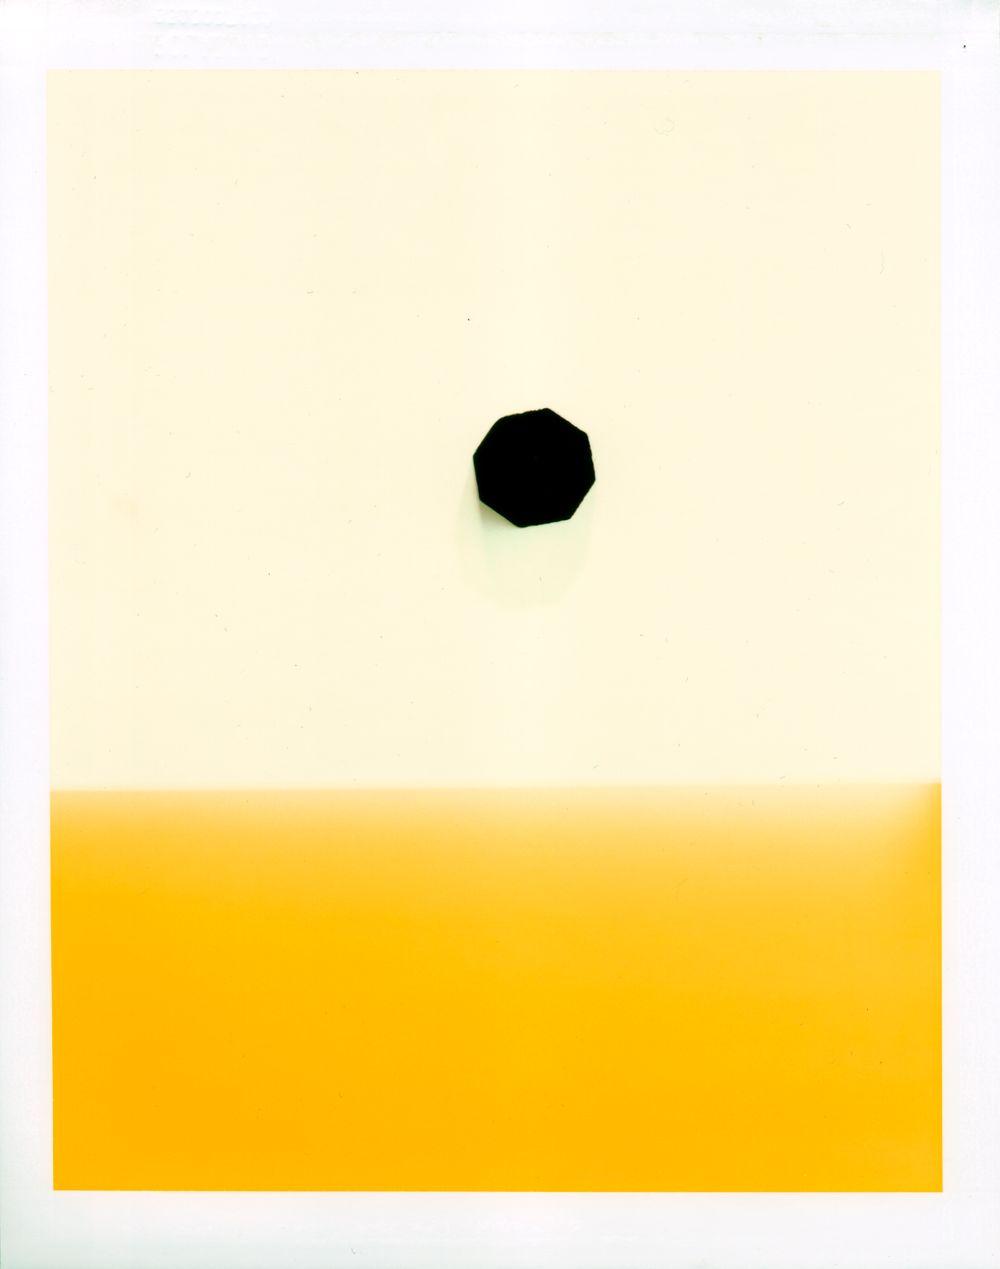 octagon, yellow